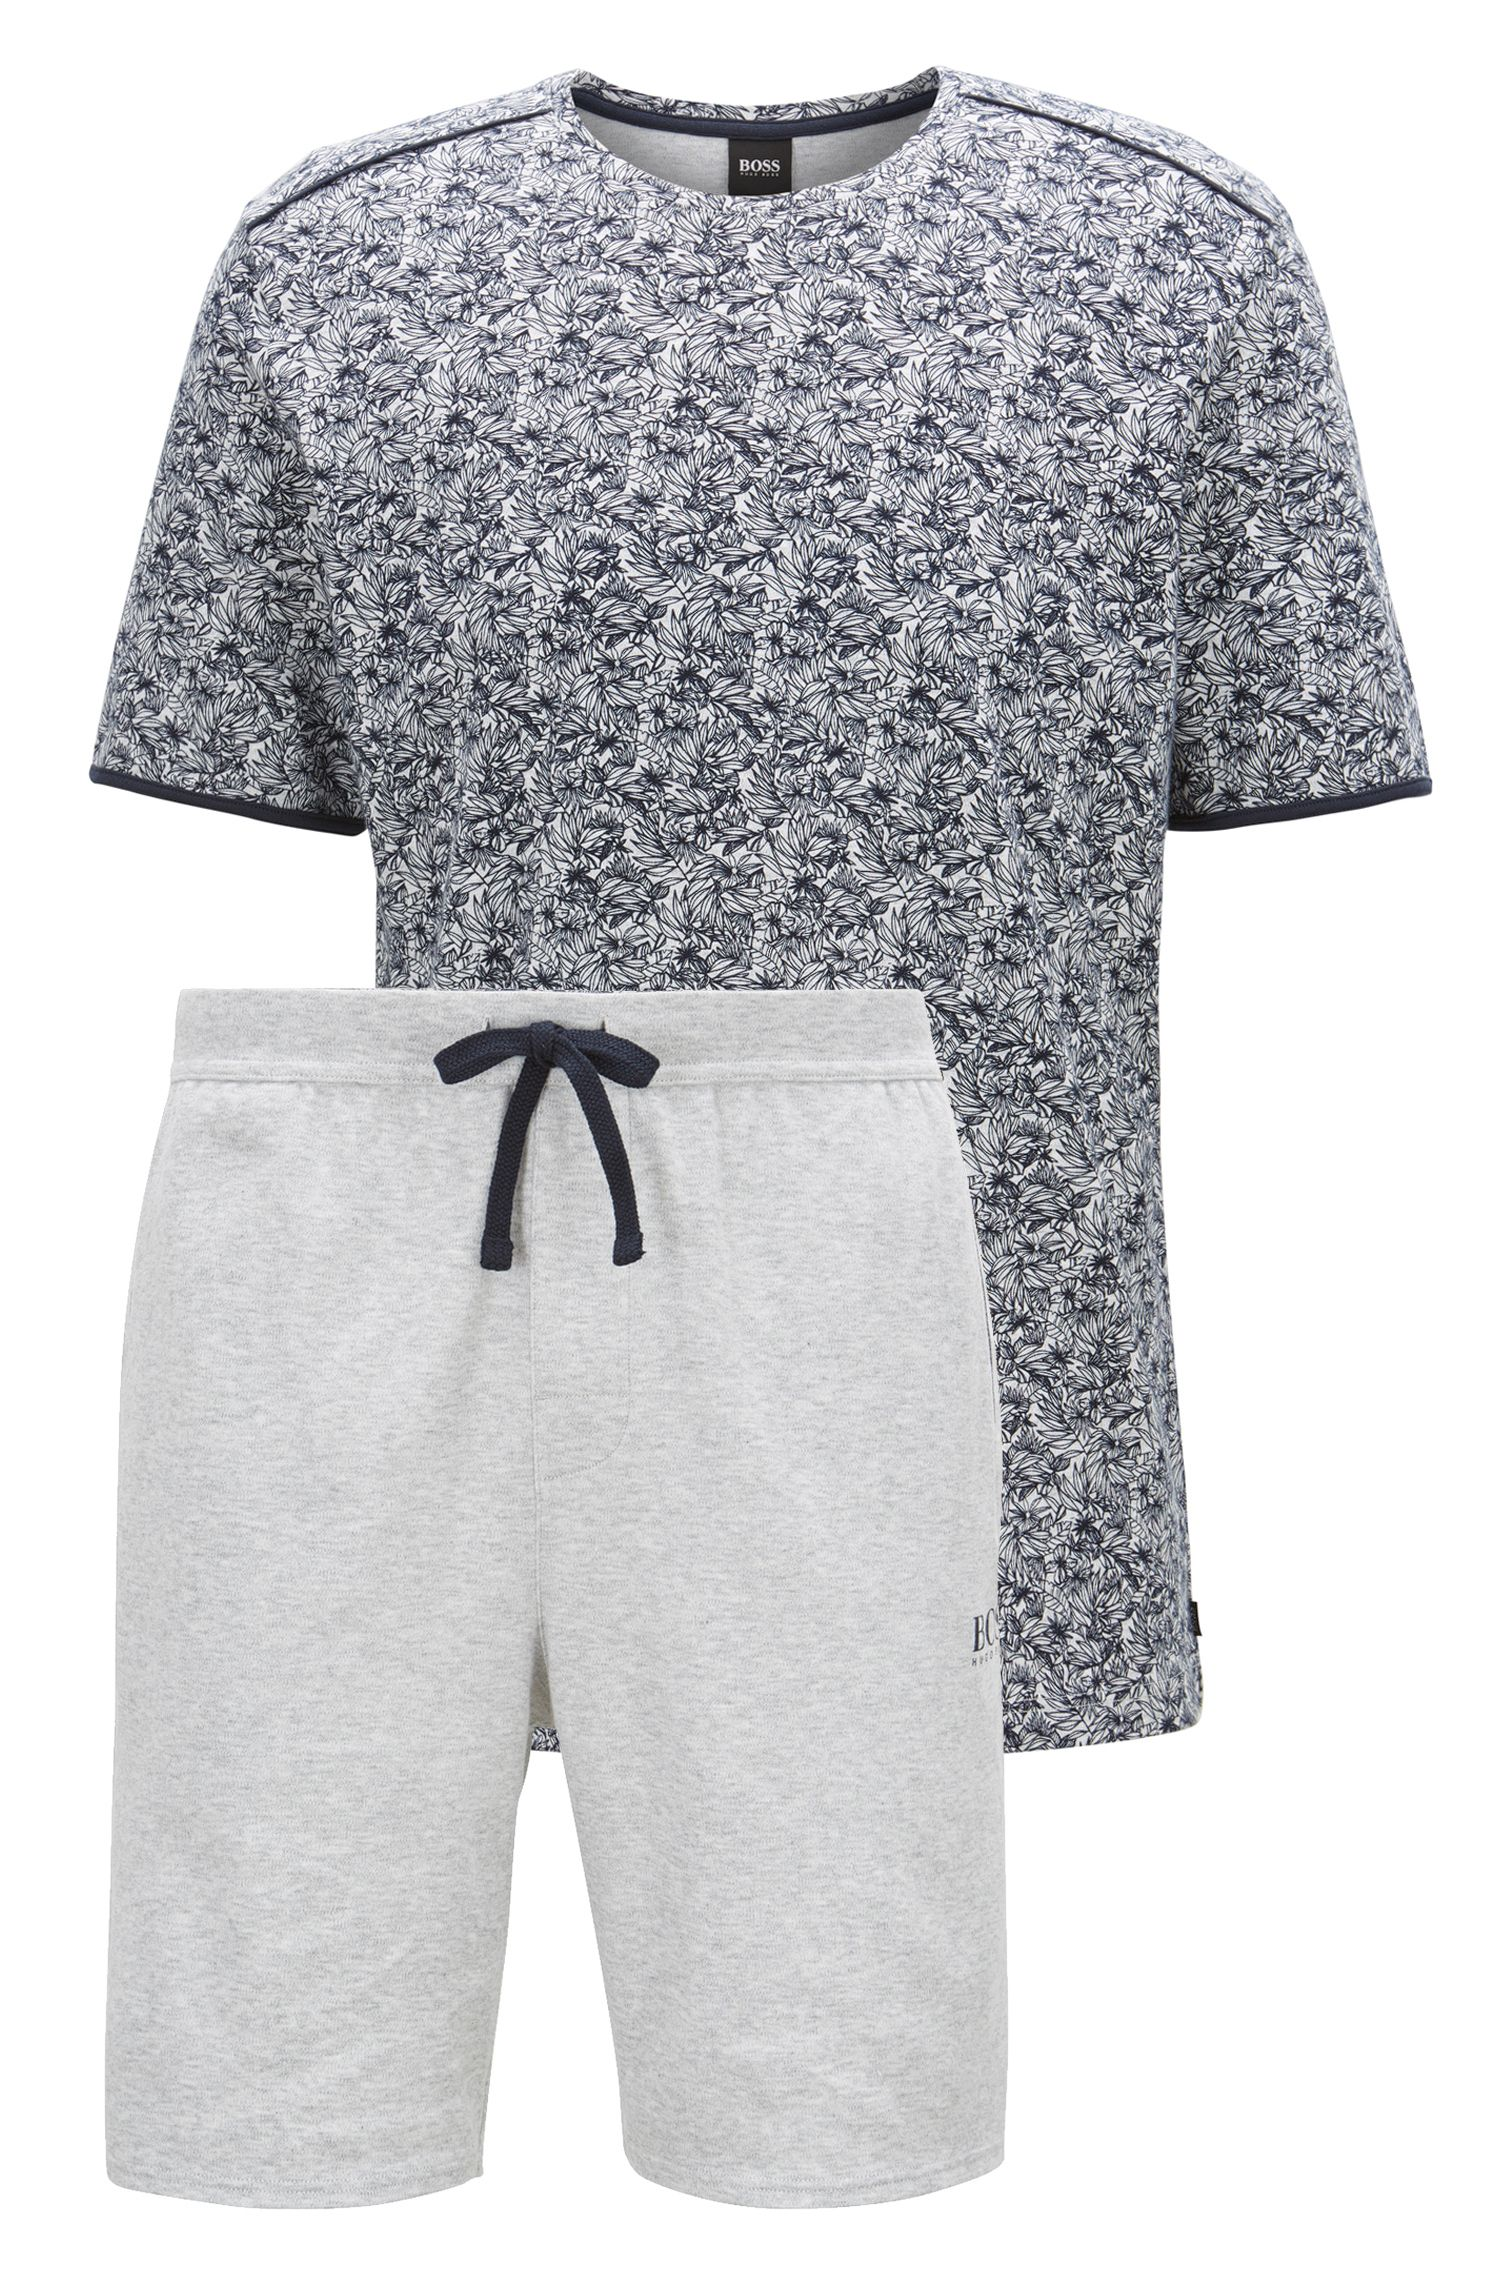 Pyjamaset van interlocked katoen met bloemenprint, Donkerblauw